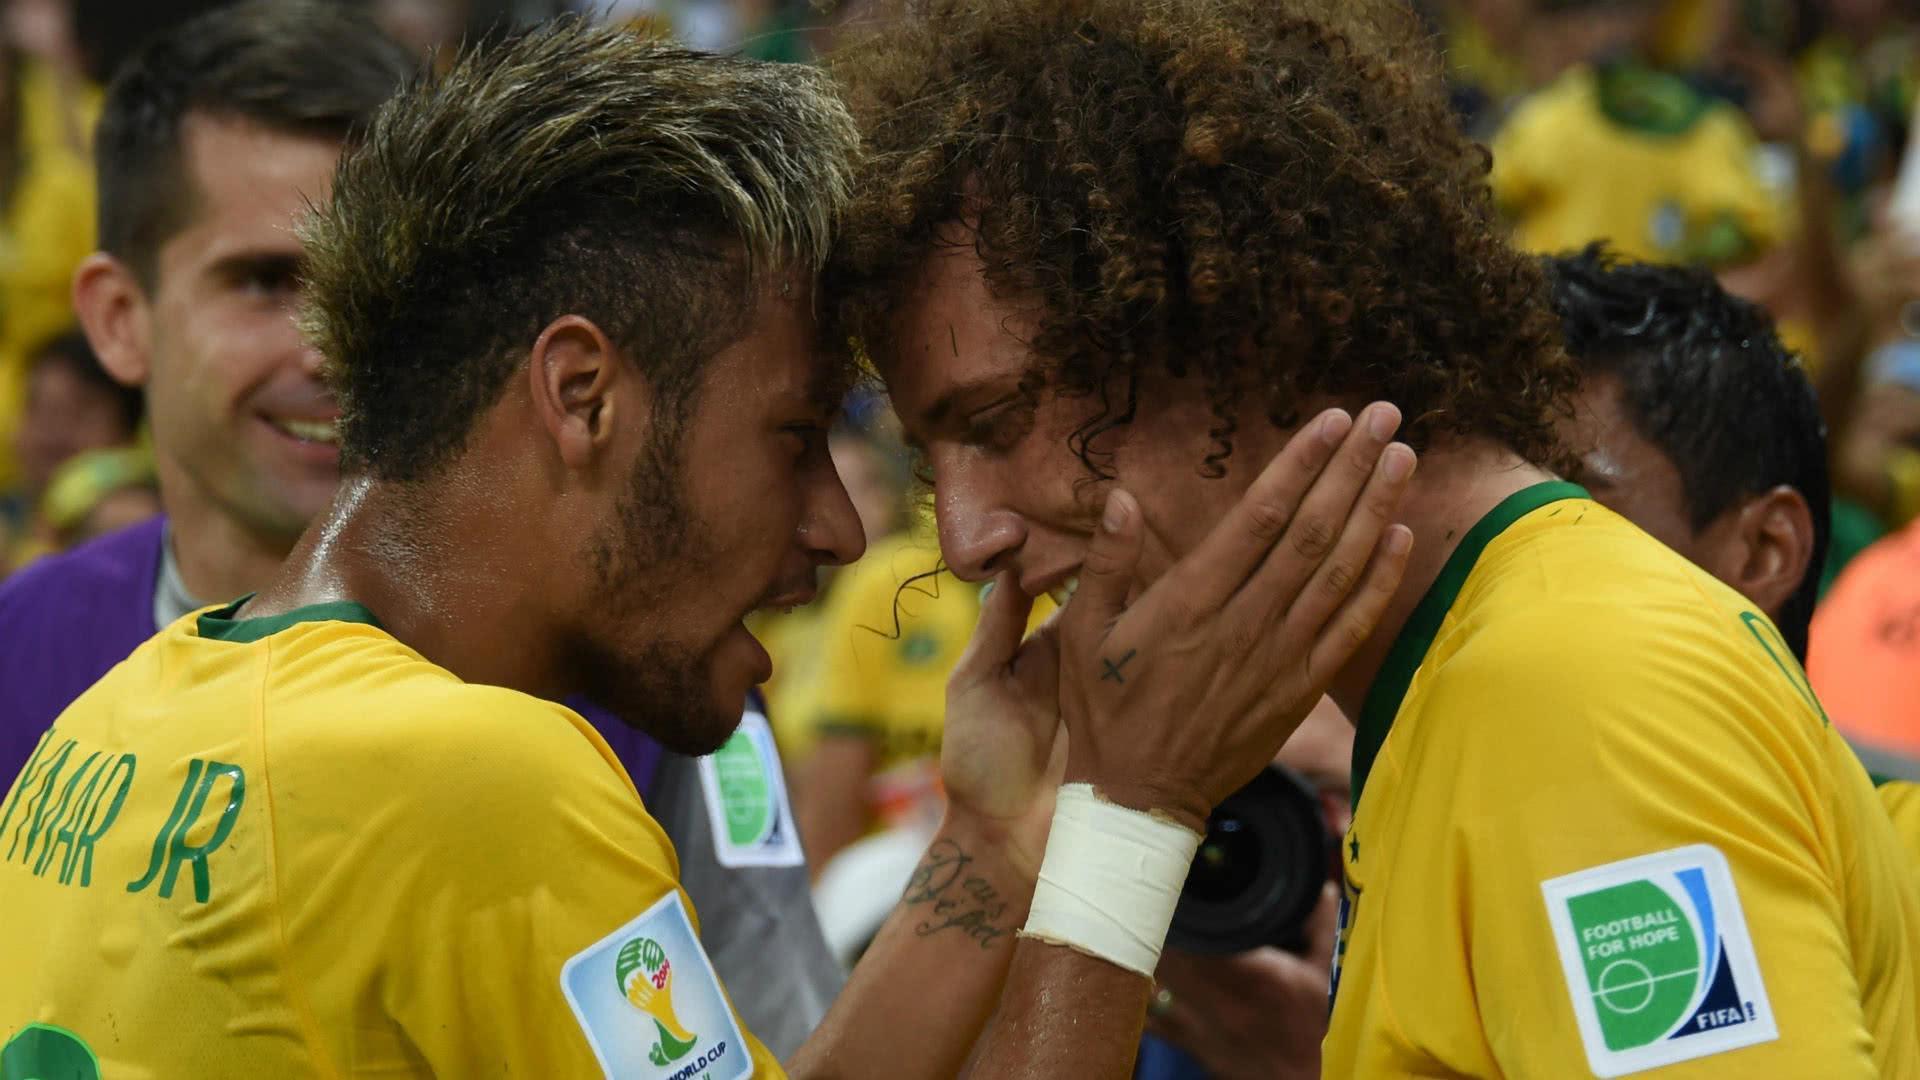 【回放】国际足球友谊赛:日本 vs 巴西 下半场